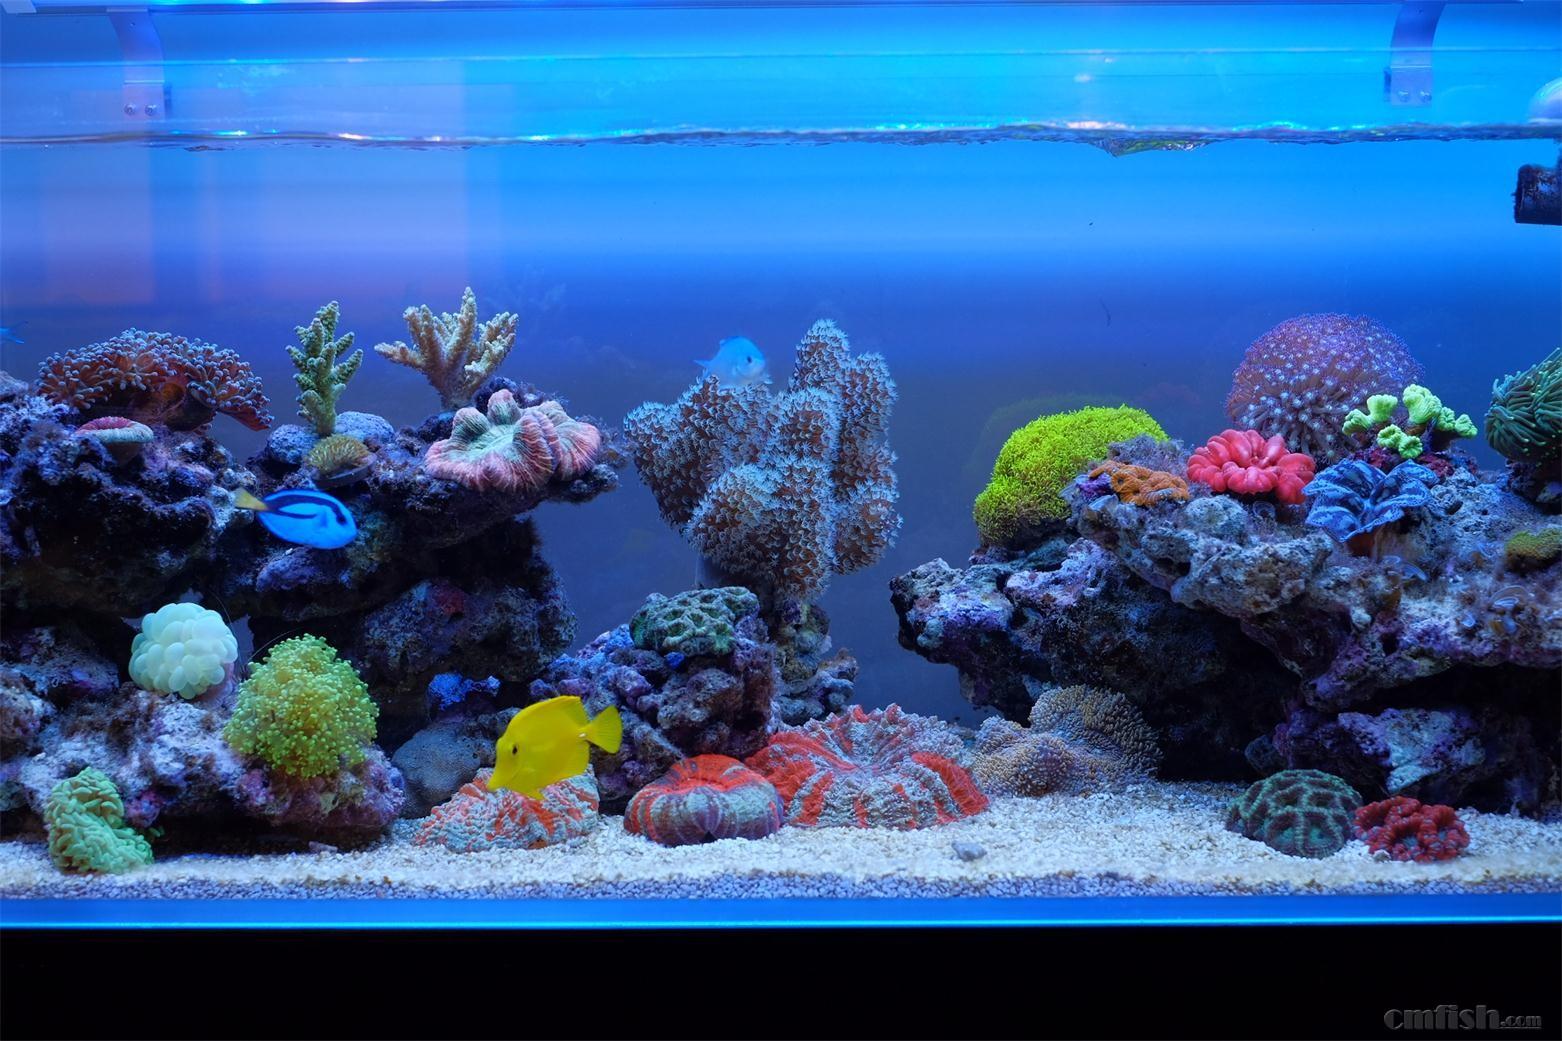 壁纸 海底 海底世界 海洋馆 水草 水生植物 水族馆 1562_1041